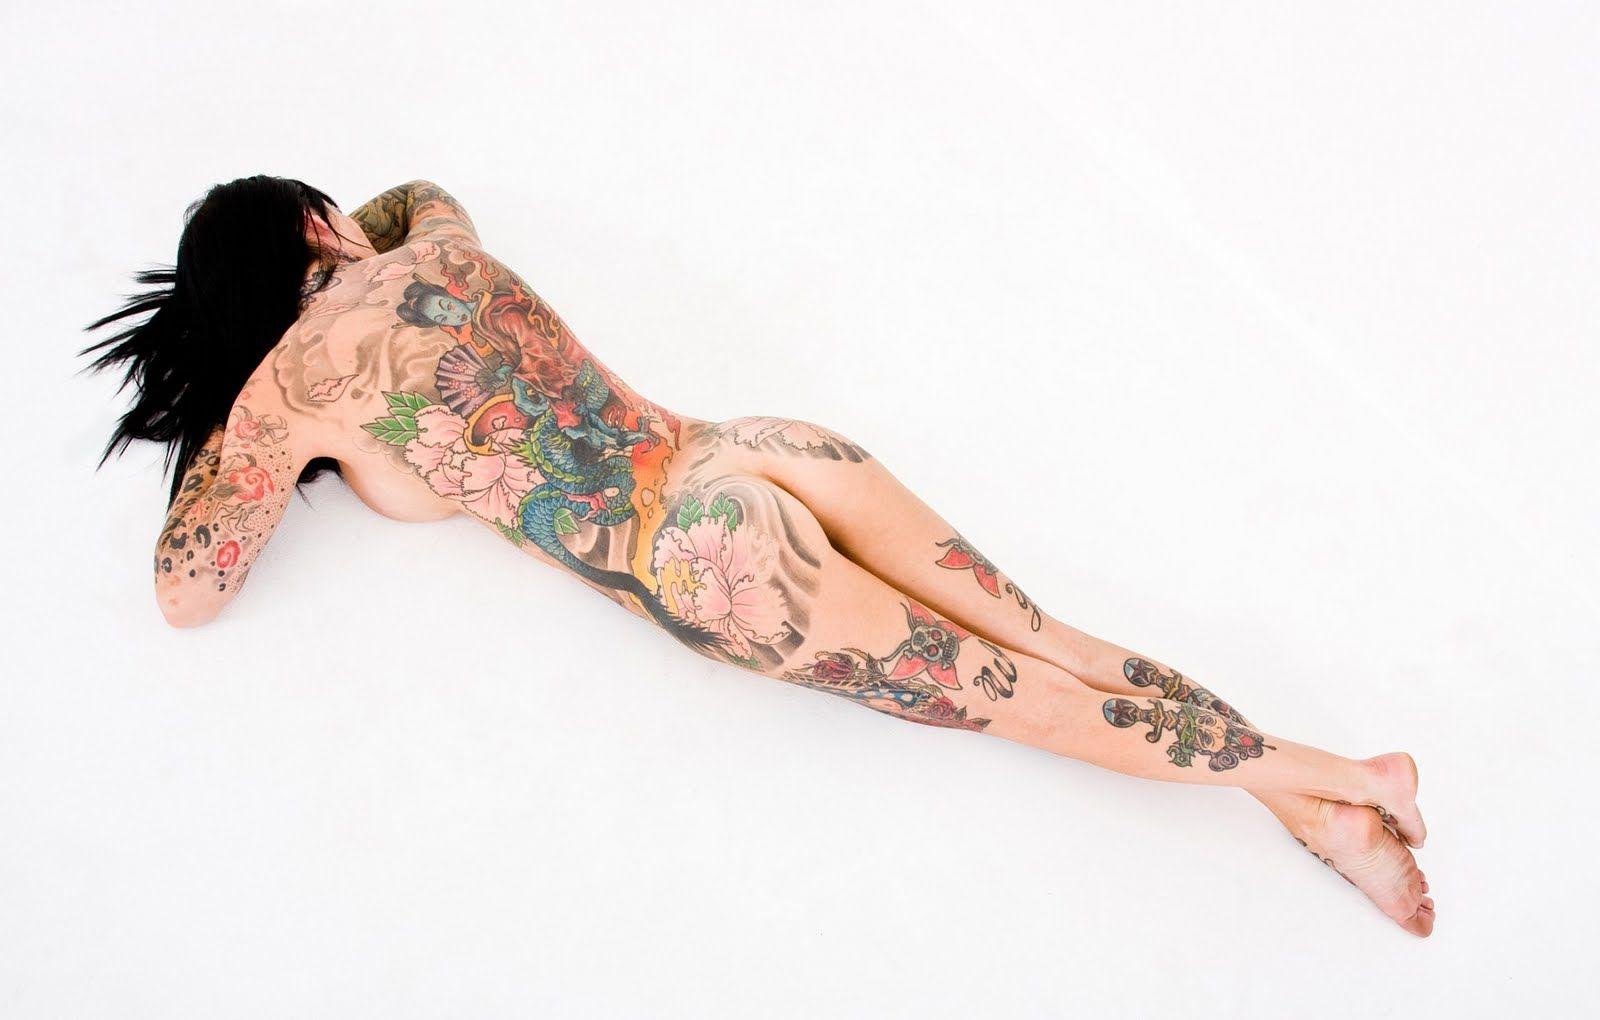 Tatuaggi: dove farli in base al fisico